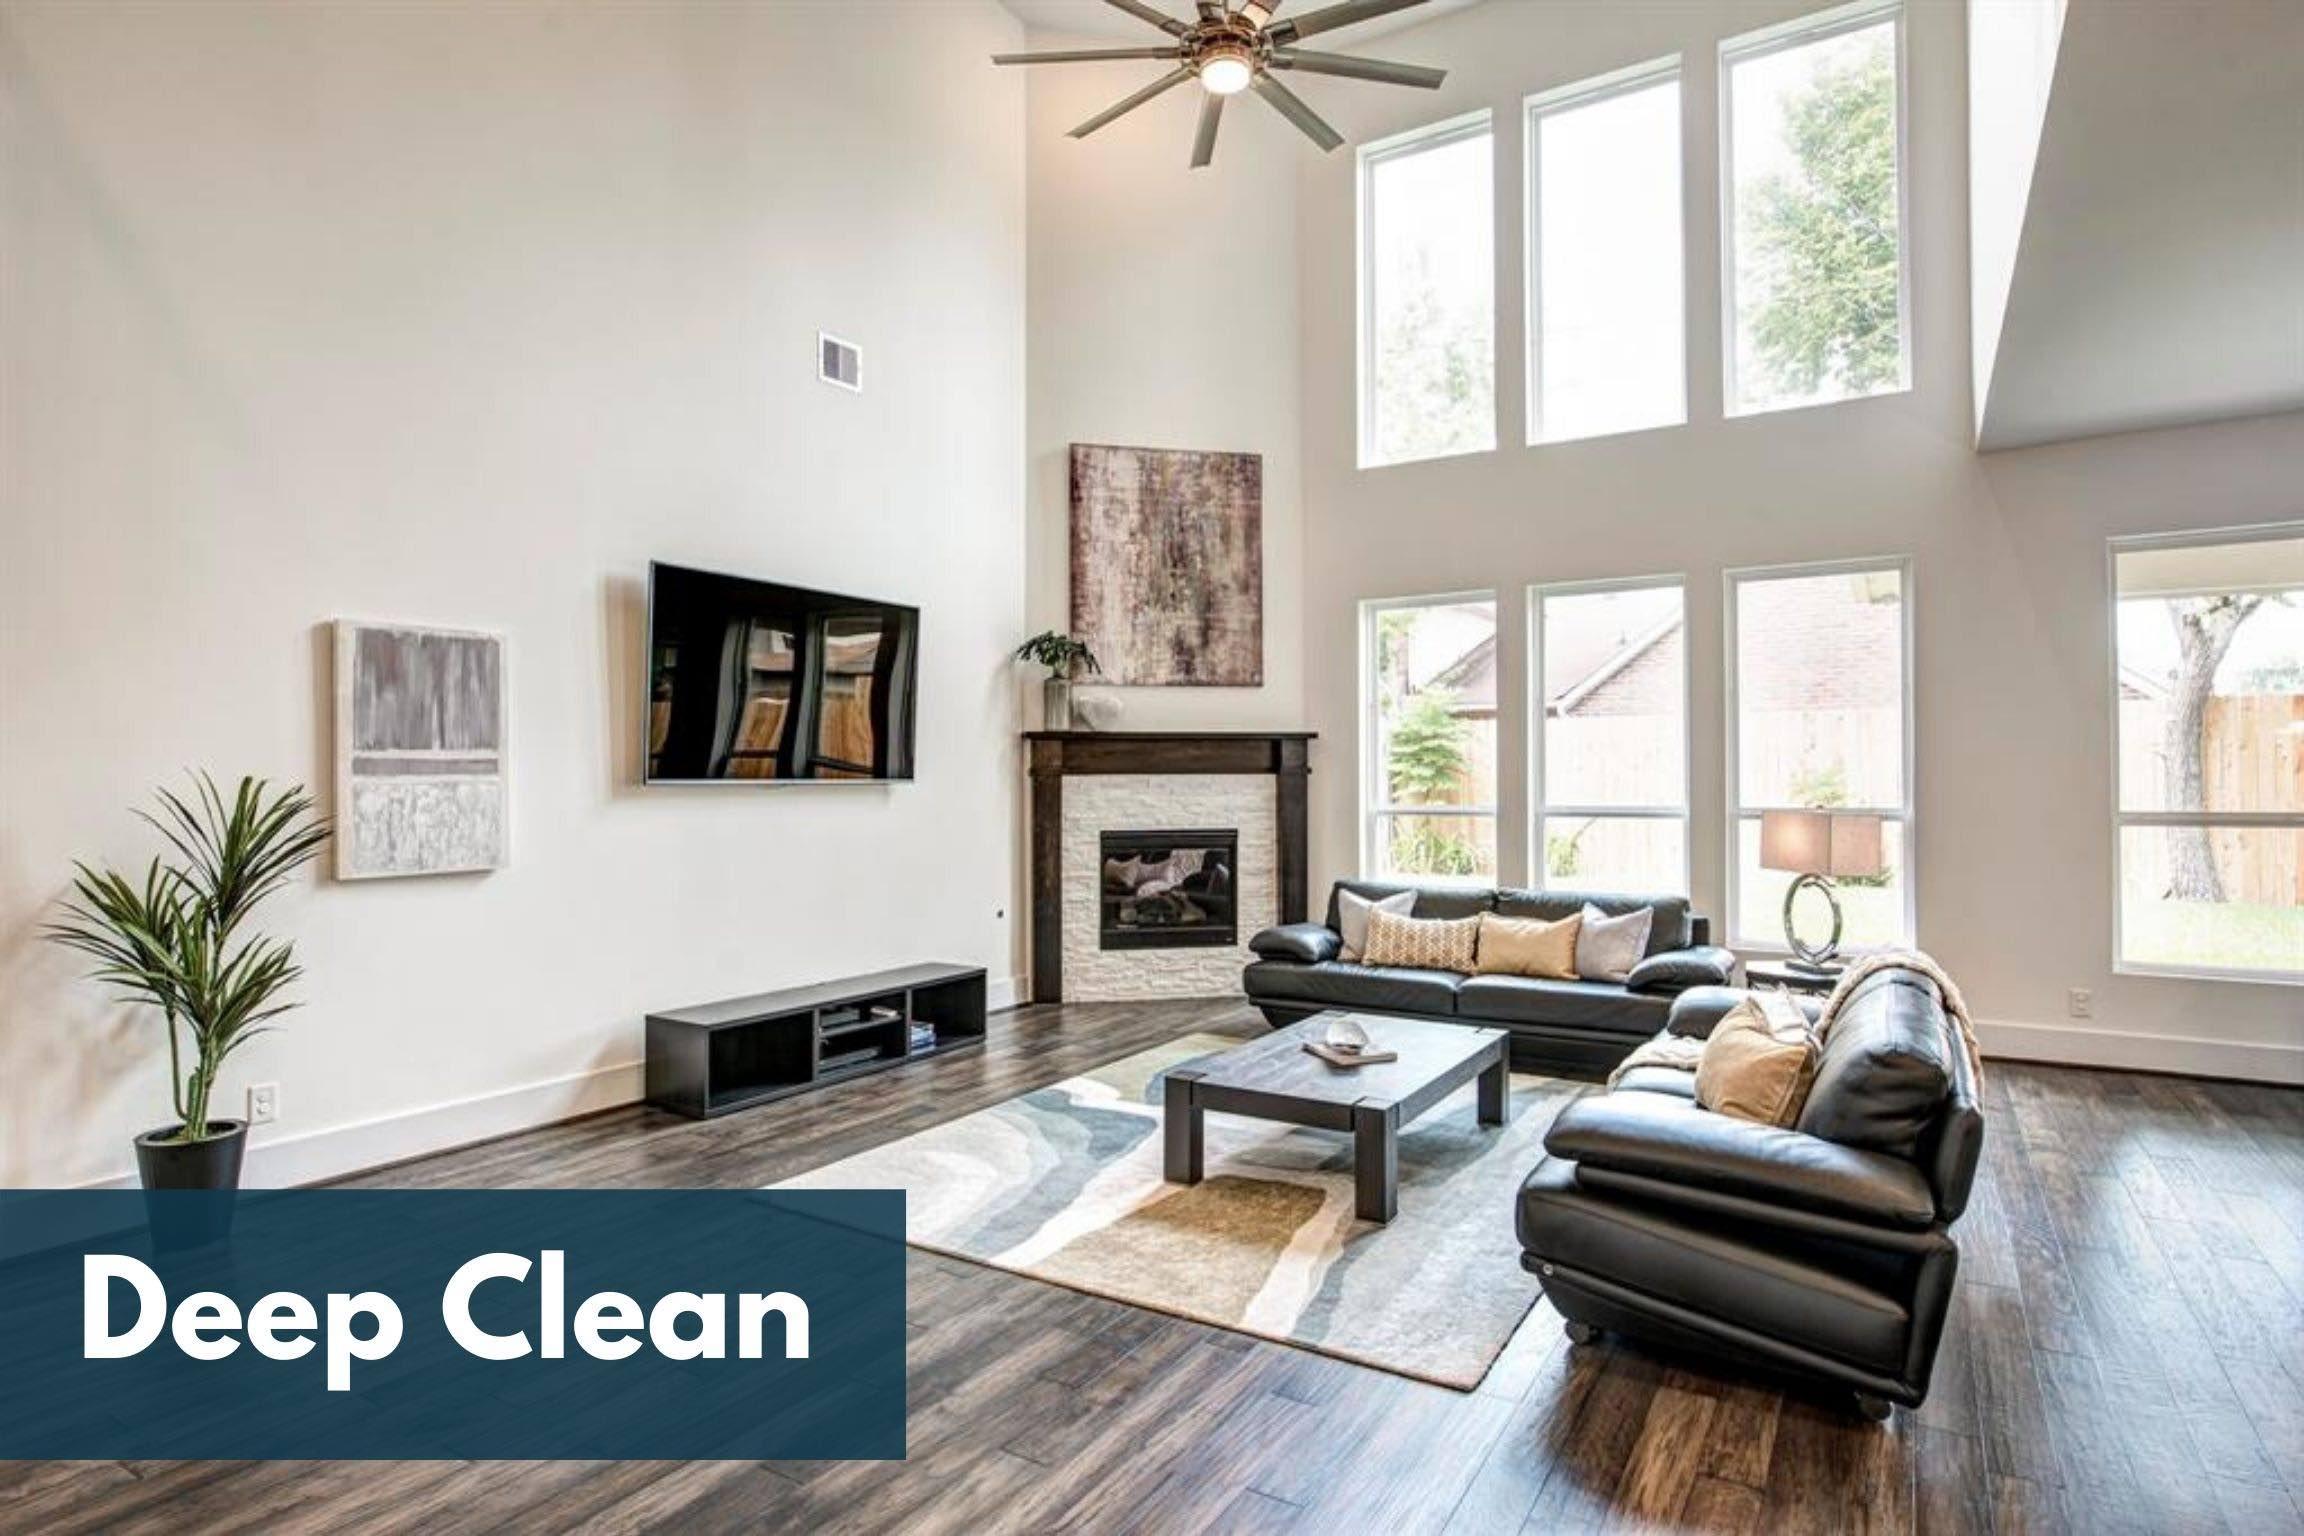 Deep Clean Home